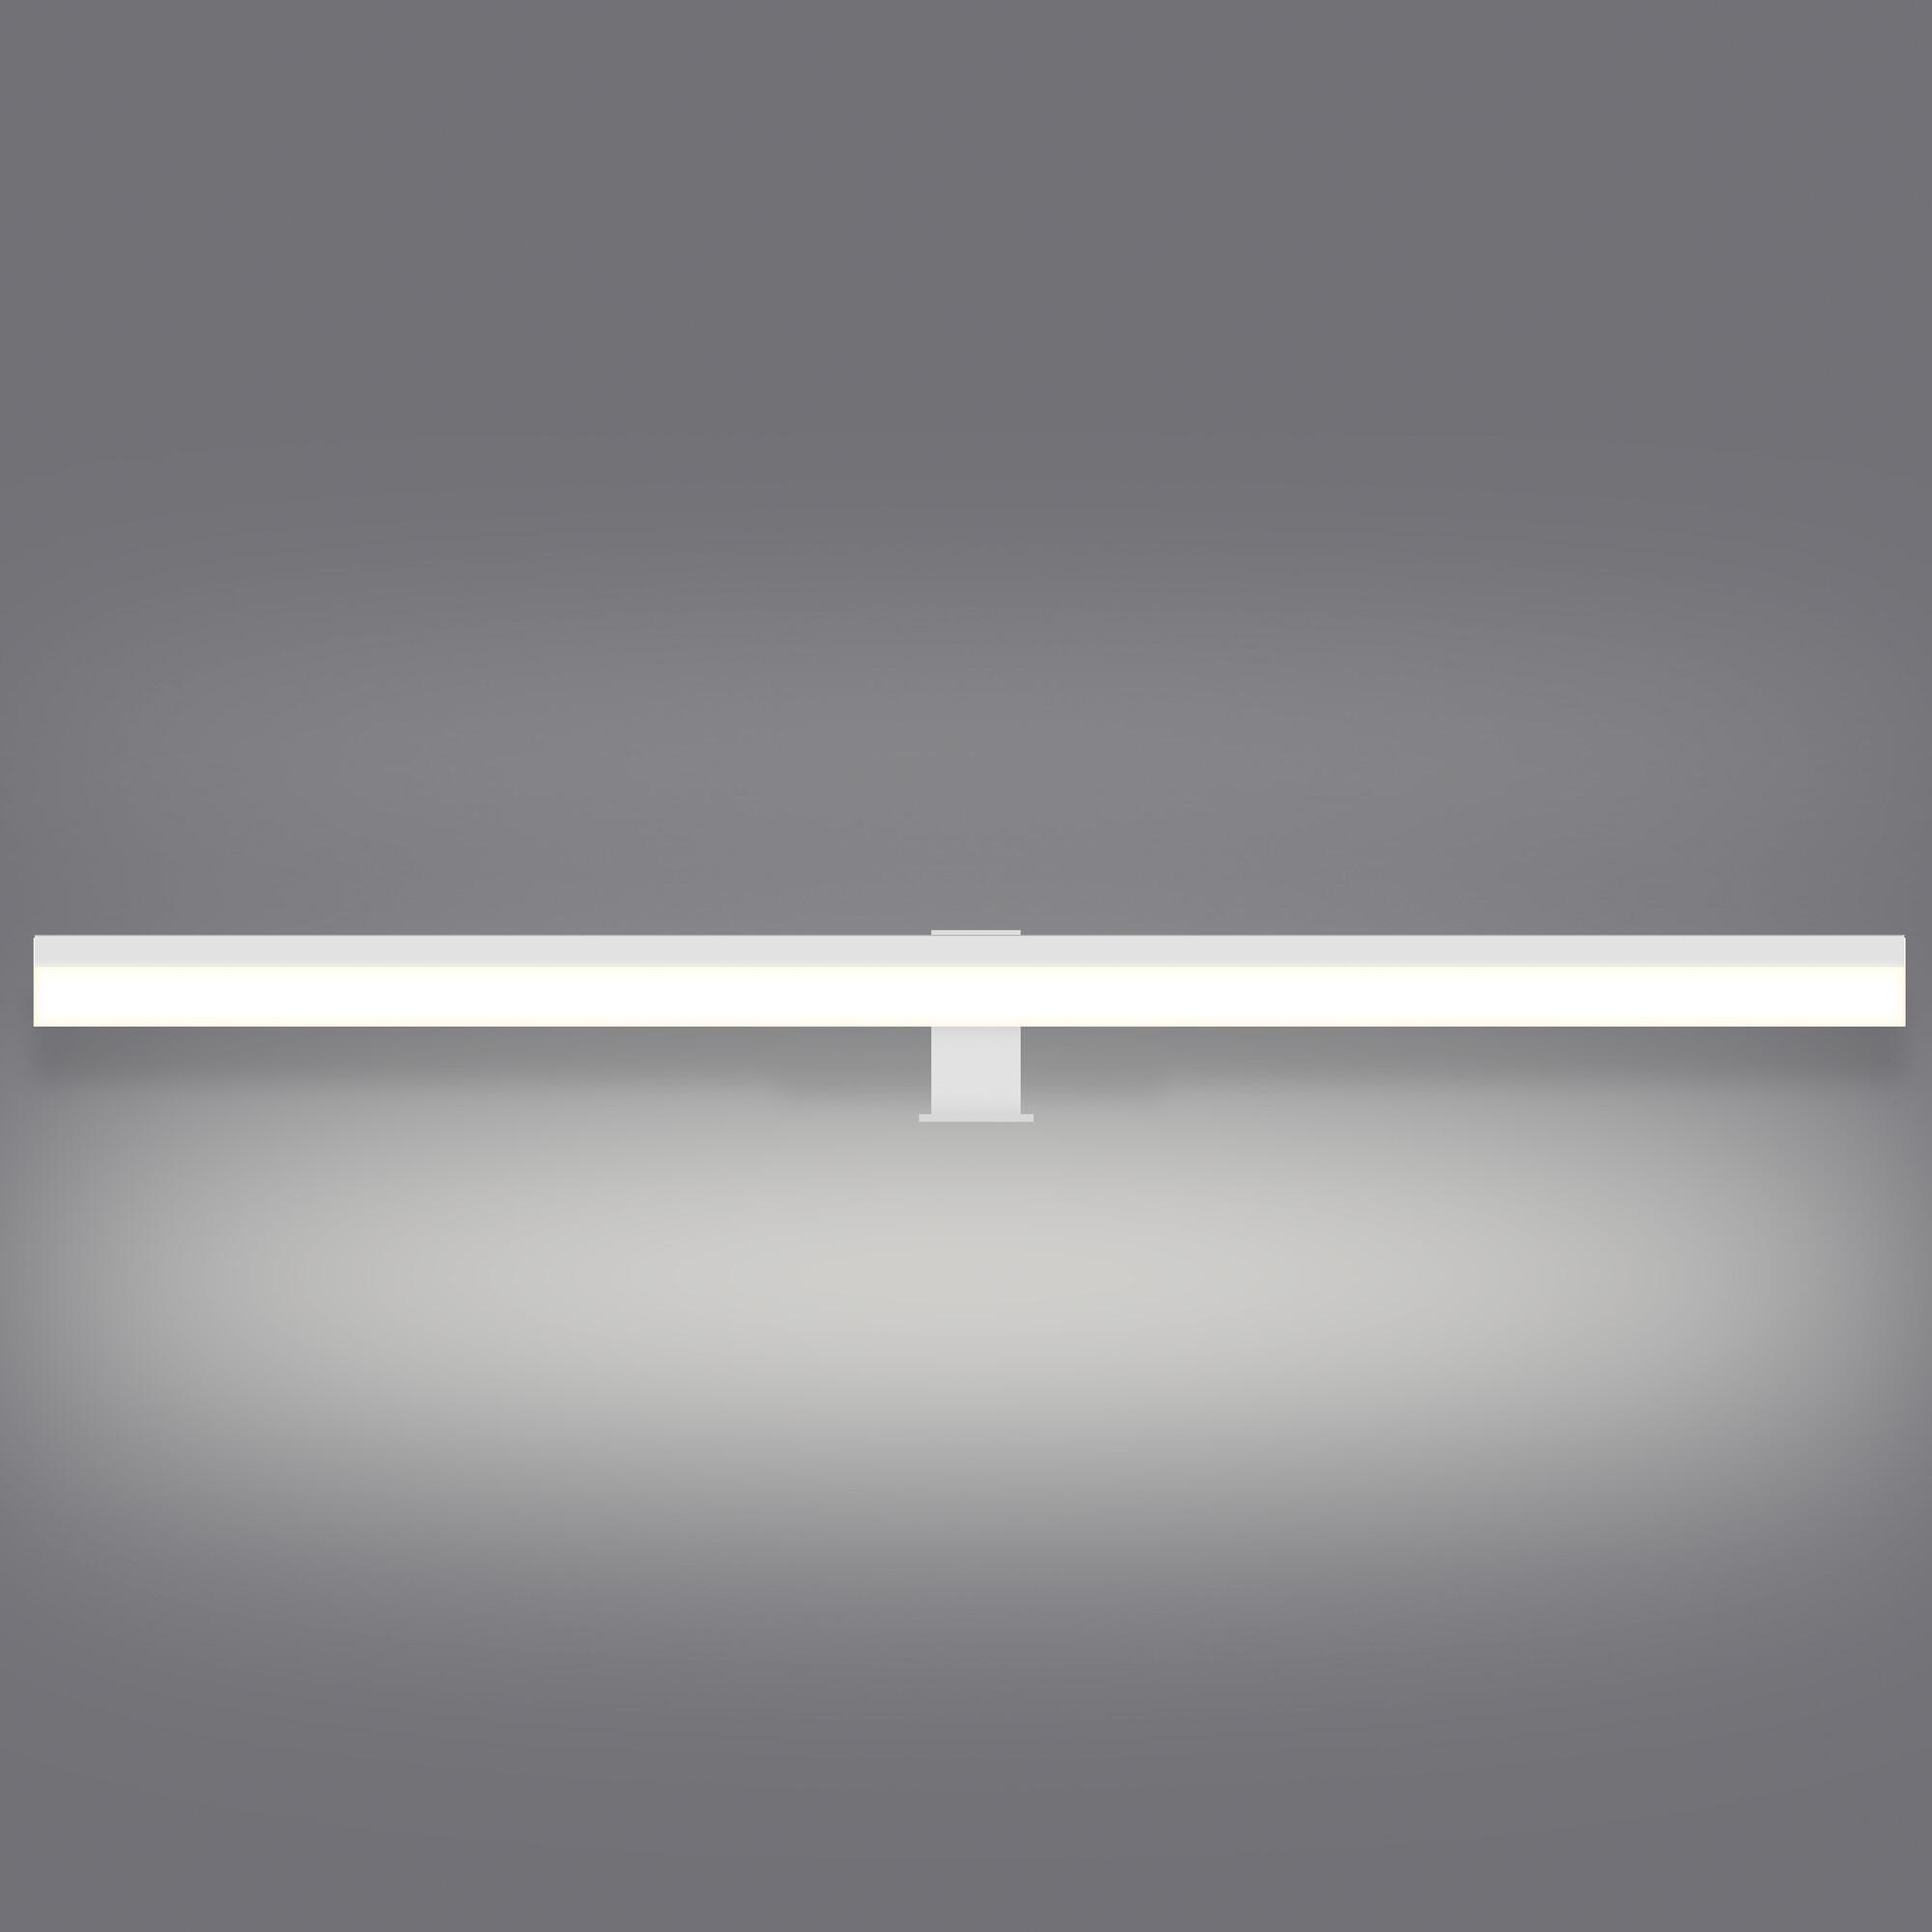 DECADE Wandlamp LED 1x19W/1520lm Rechthoekig Wit